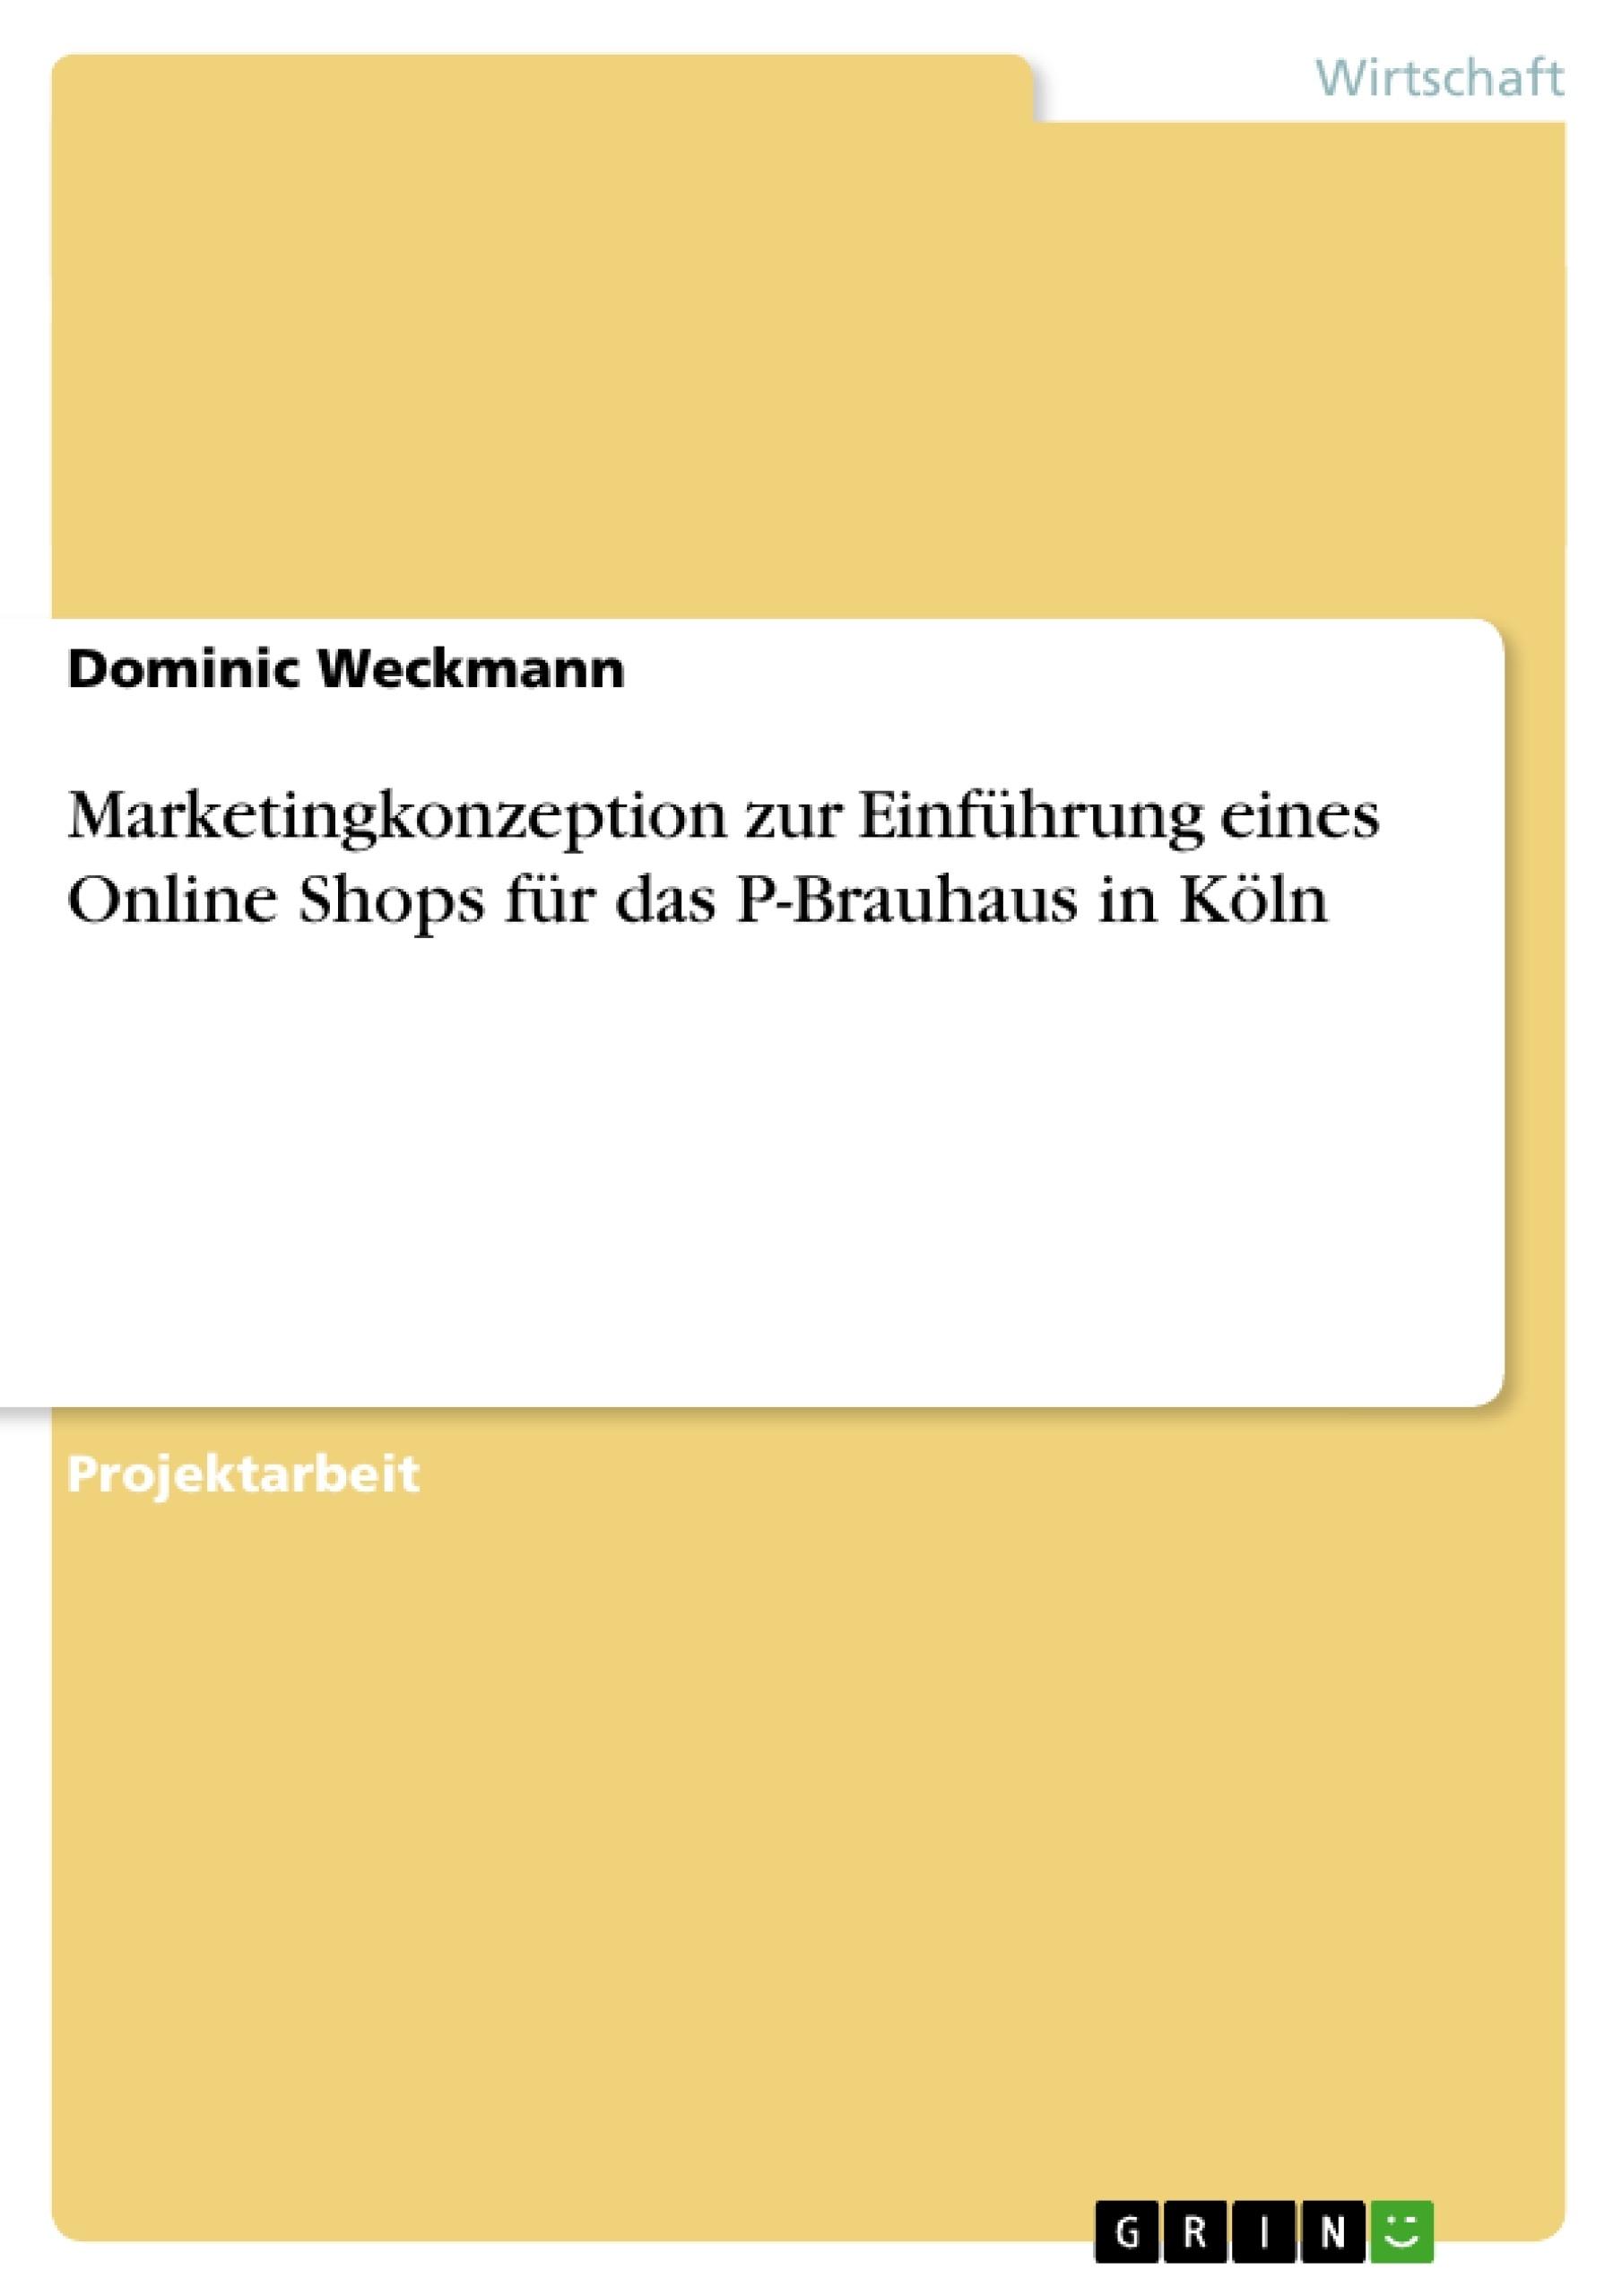 Titel: Marketingkonzeption  zur Einführung eines Online Shops  für das P-Brauhaus in Köln